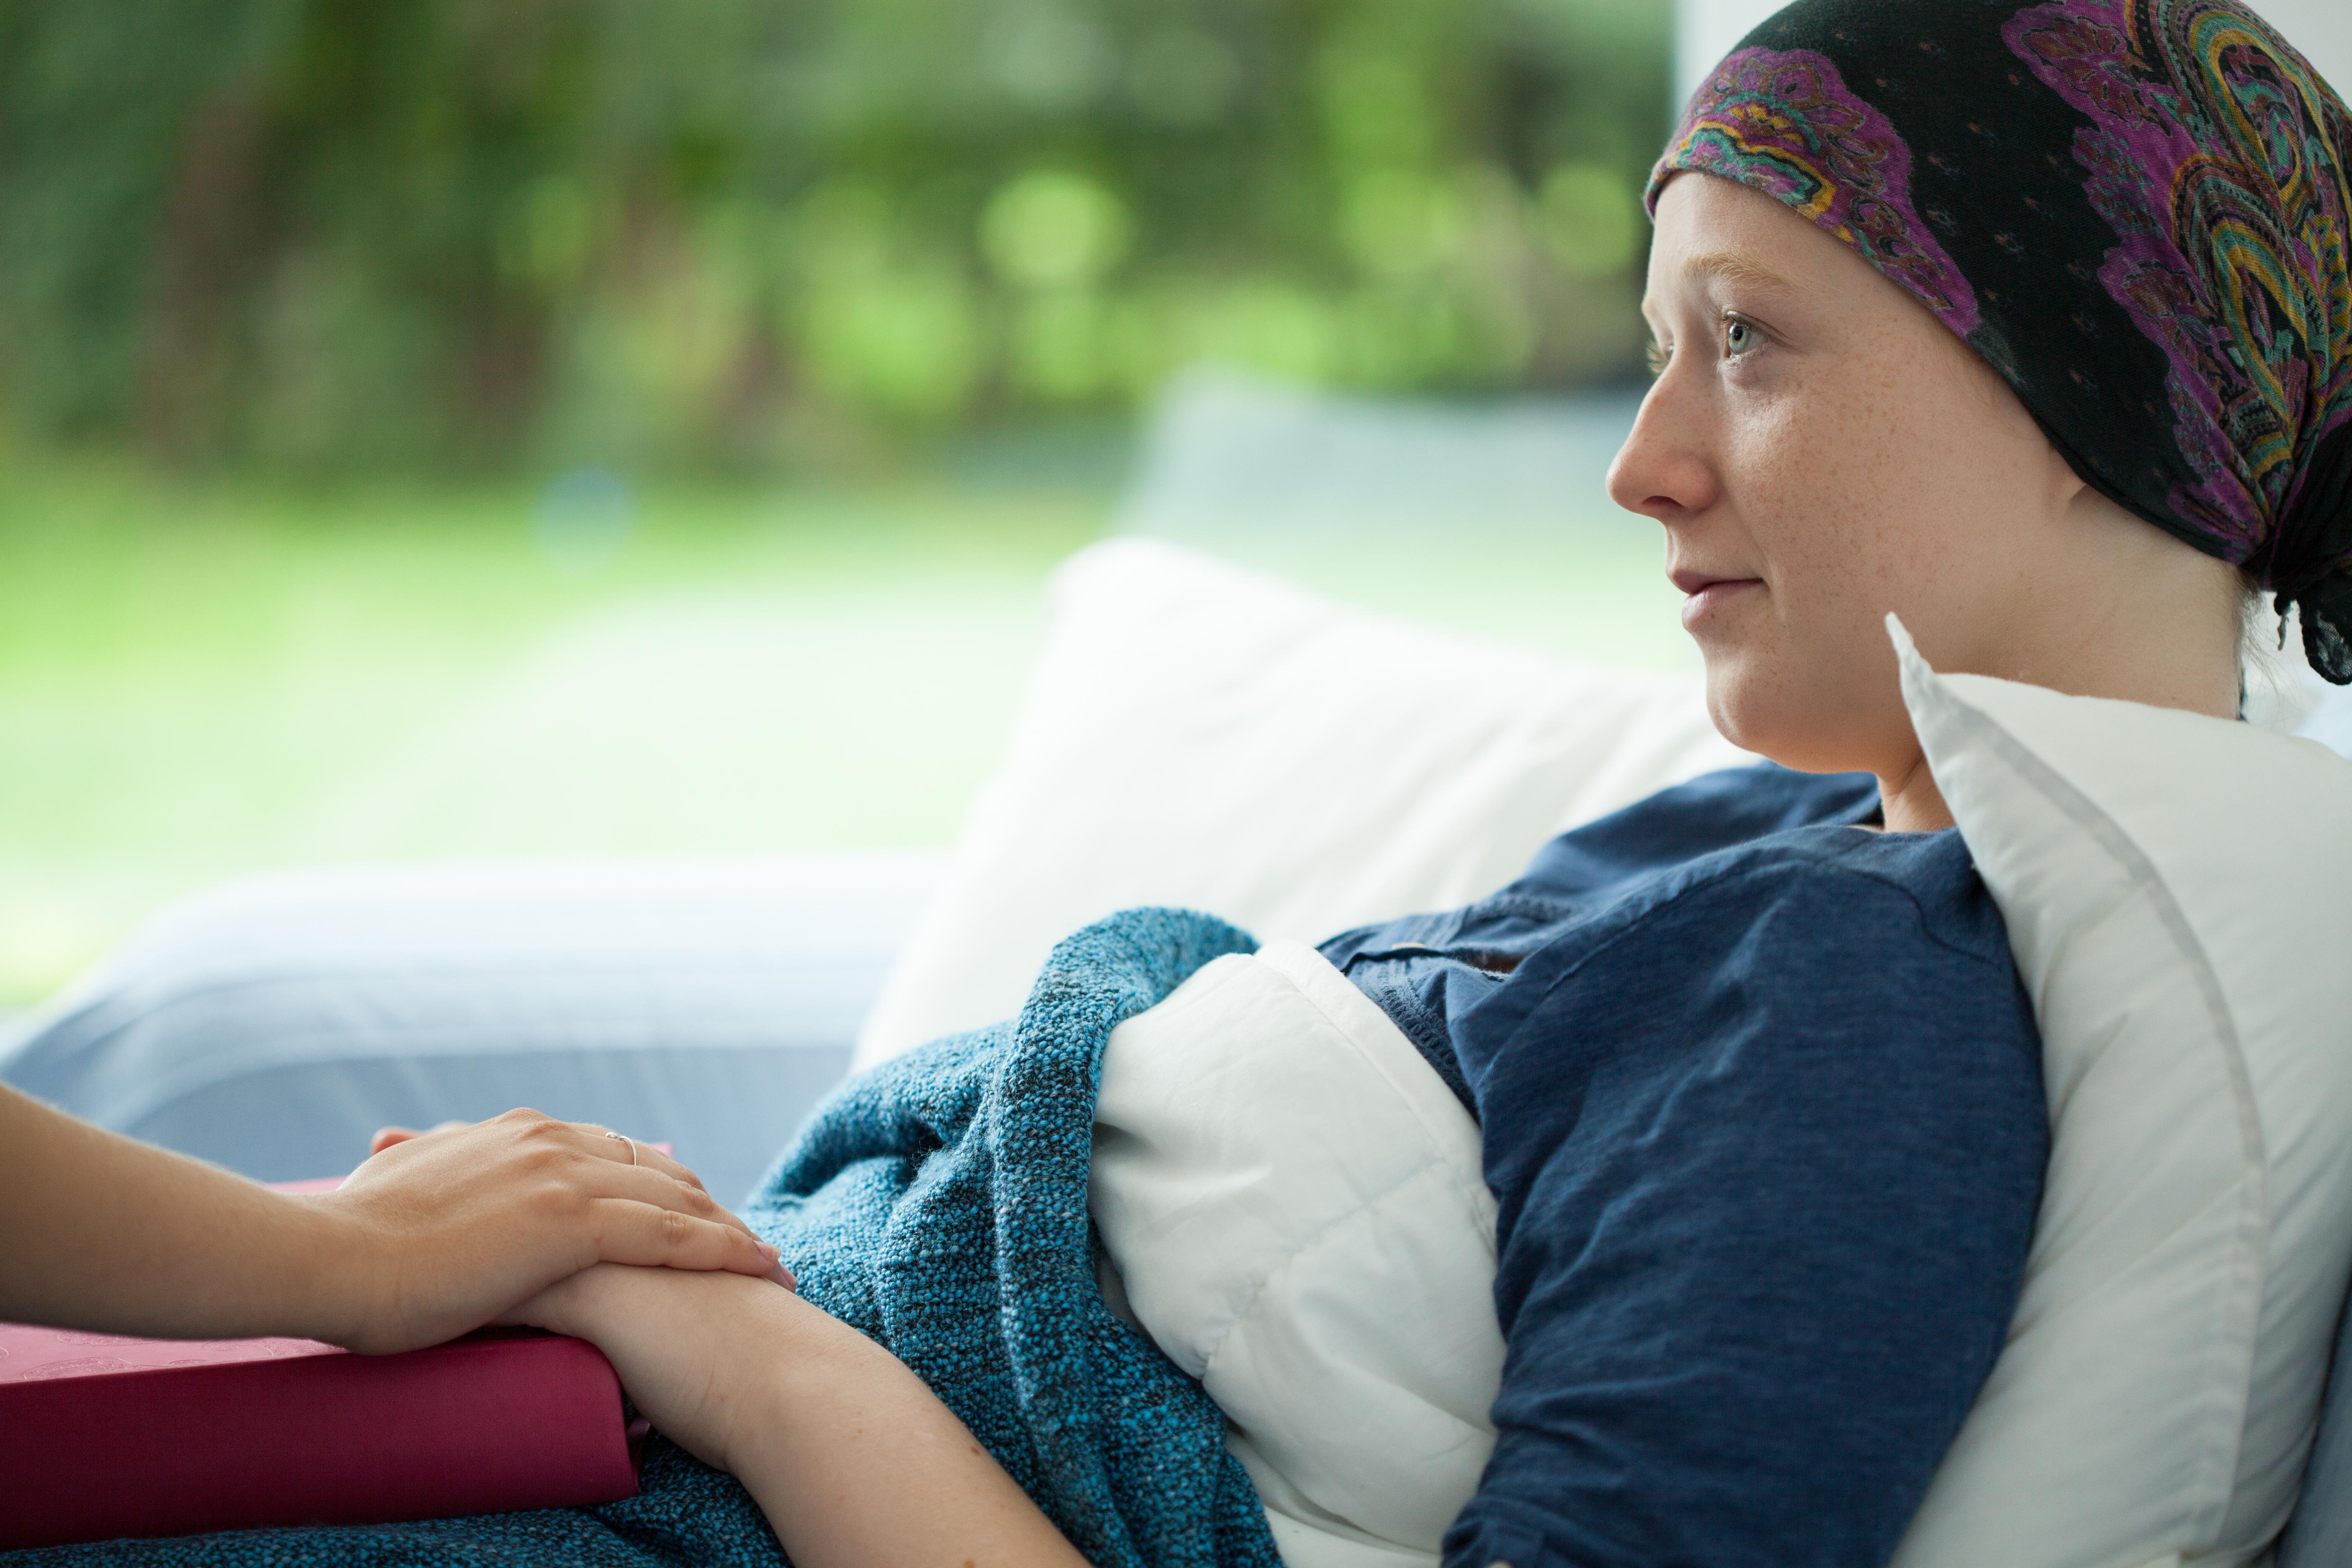 Ett CRP-test görs för att identifiera och hålla koll på infektioner och sjukdomar som orsakar inflammation, såsom cancer i lymfkörtlar (lymfom).